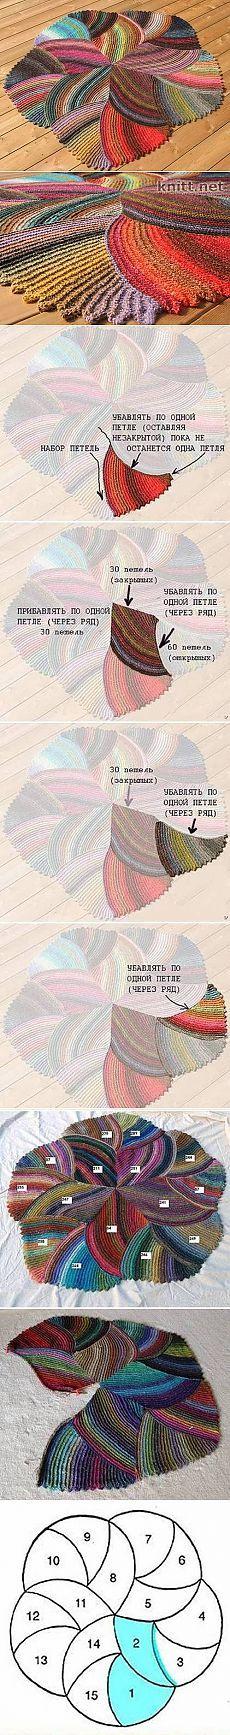 DIY Melange Rug - Knit rug for crochet inspiration Crochet Diy, Crochet Home, Crochet Rugs, Yarn Projects, Knitting Projects, Crochet Projects, Knitting Stitches, Knitting Patterns, Crochet Patterns